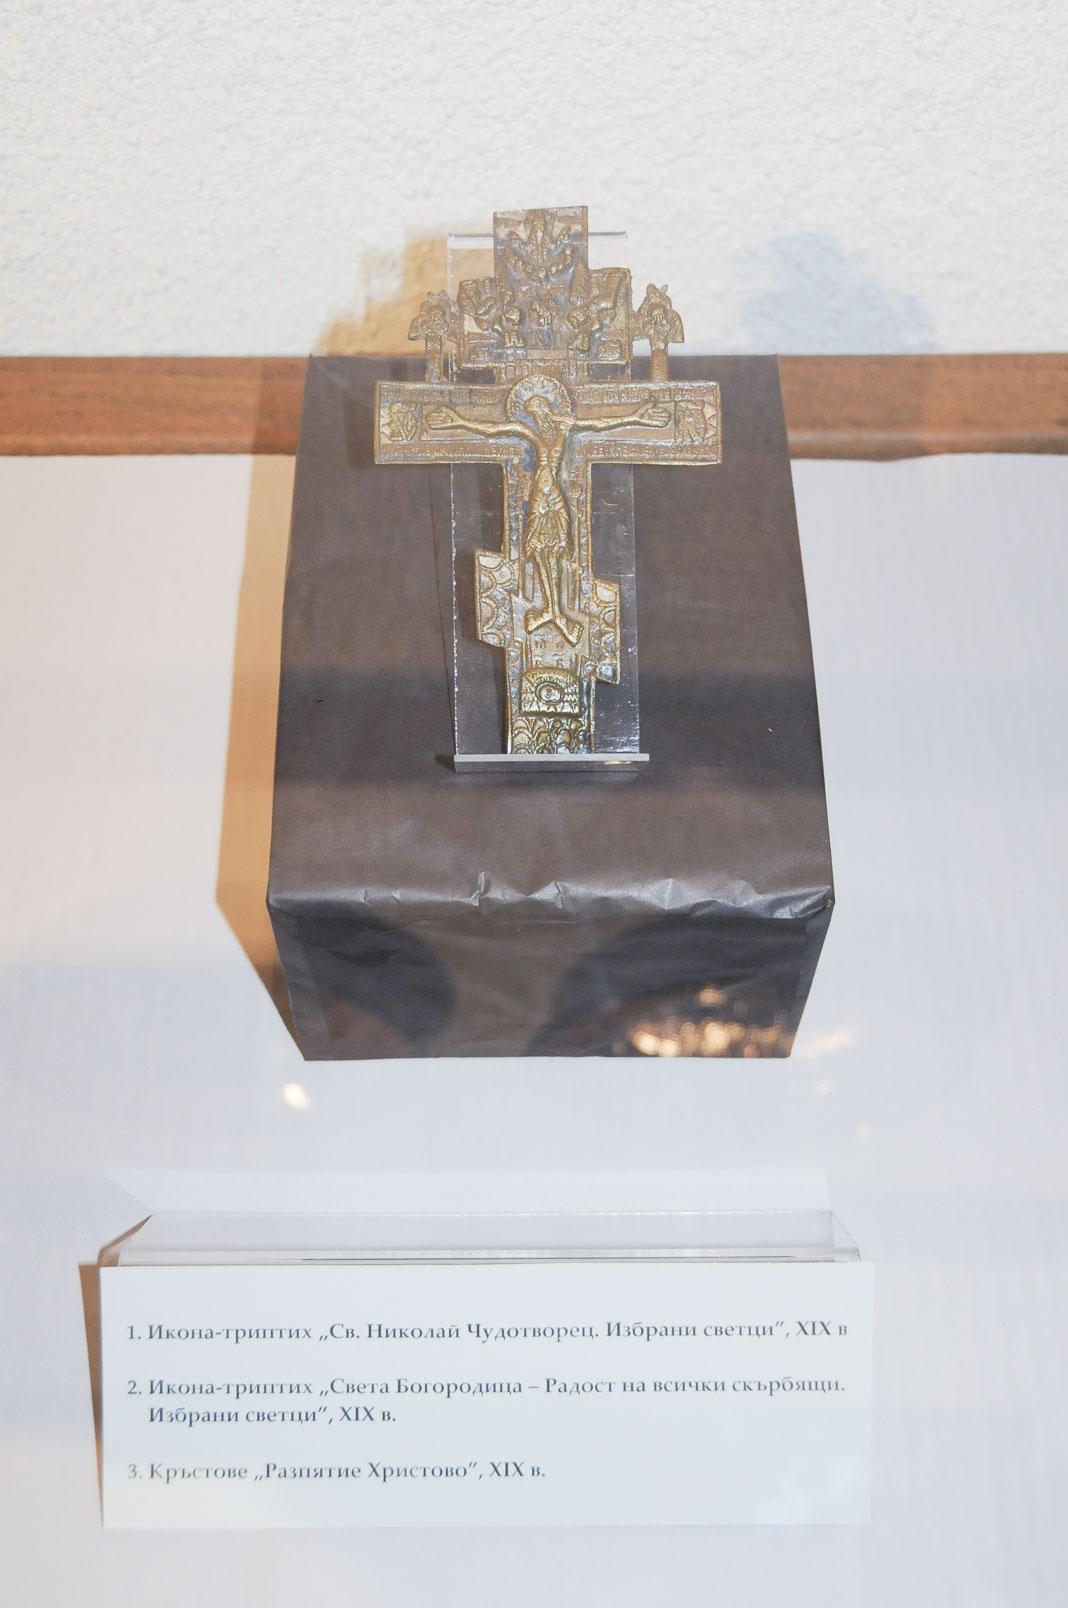 troyan-museum-osvobozhdenieto-3ti-mart-17